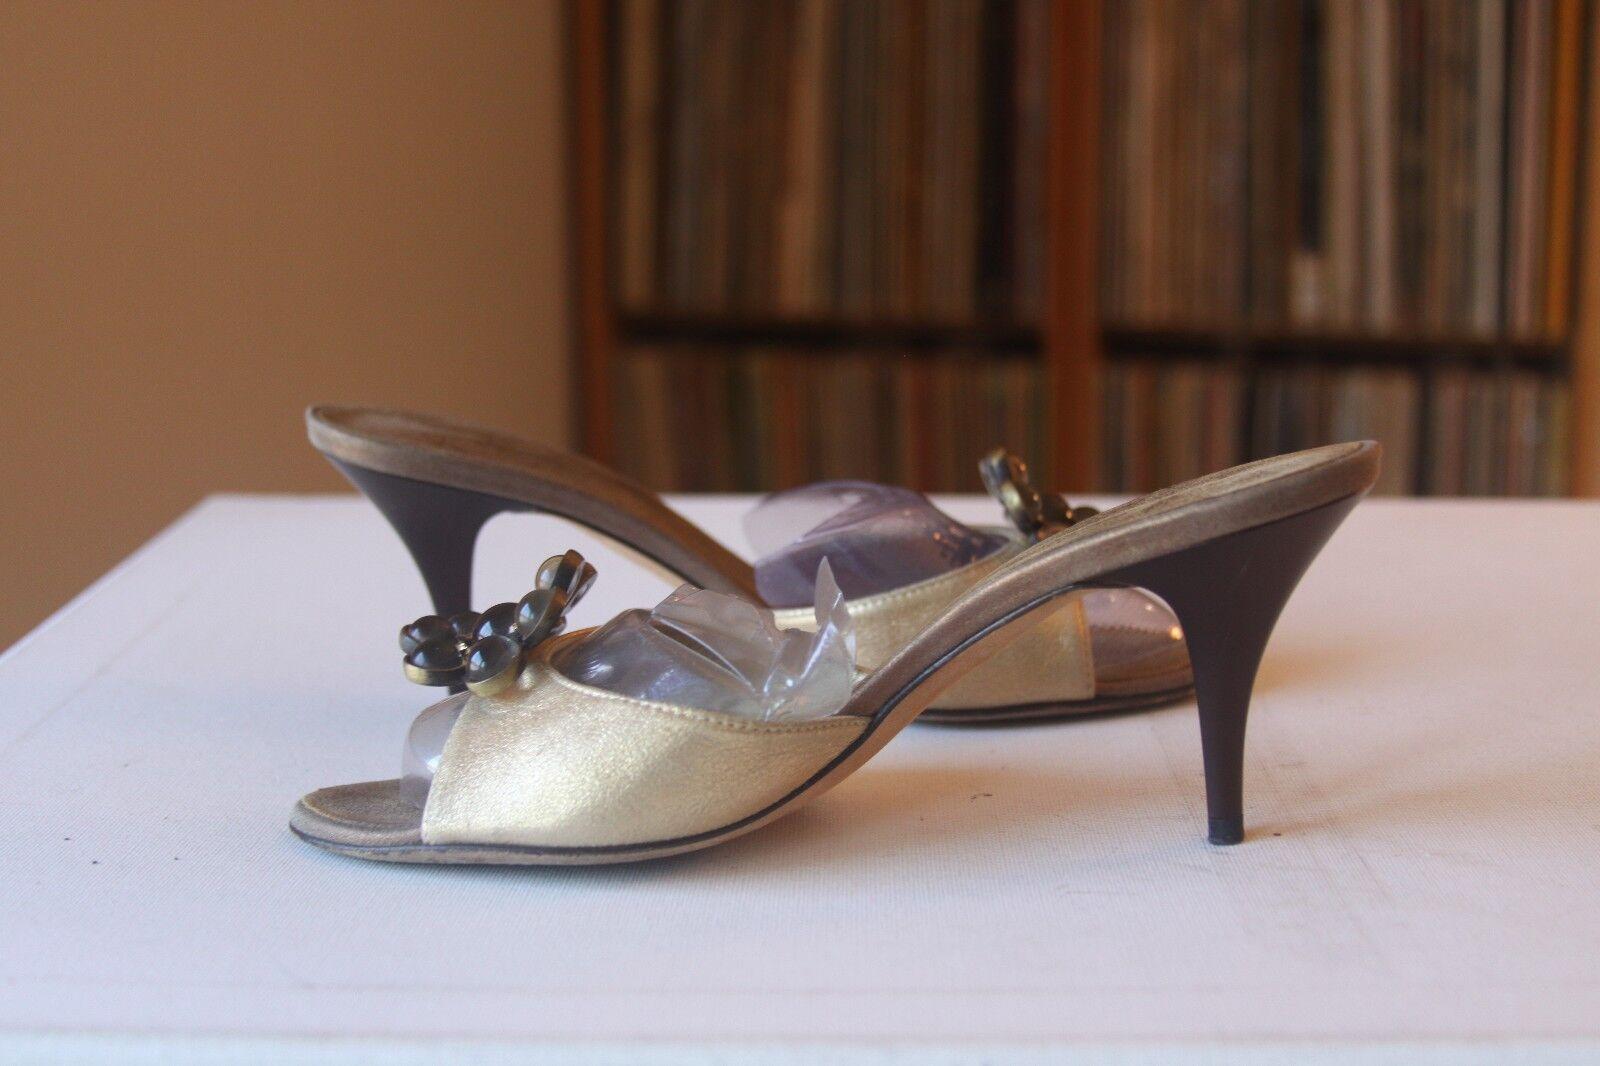 Giuseppe Zanotti Design Design Design Vicini gold Leather Crystals 3 Inch Heel Slides Size 6 B 5e3f55